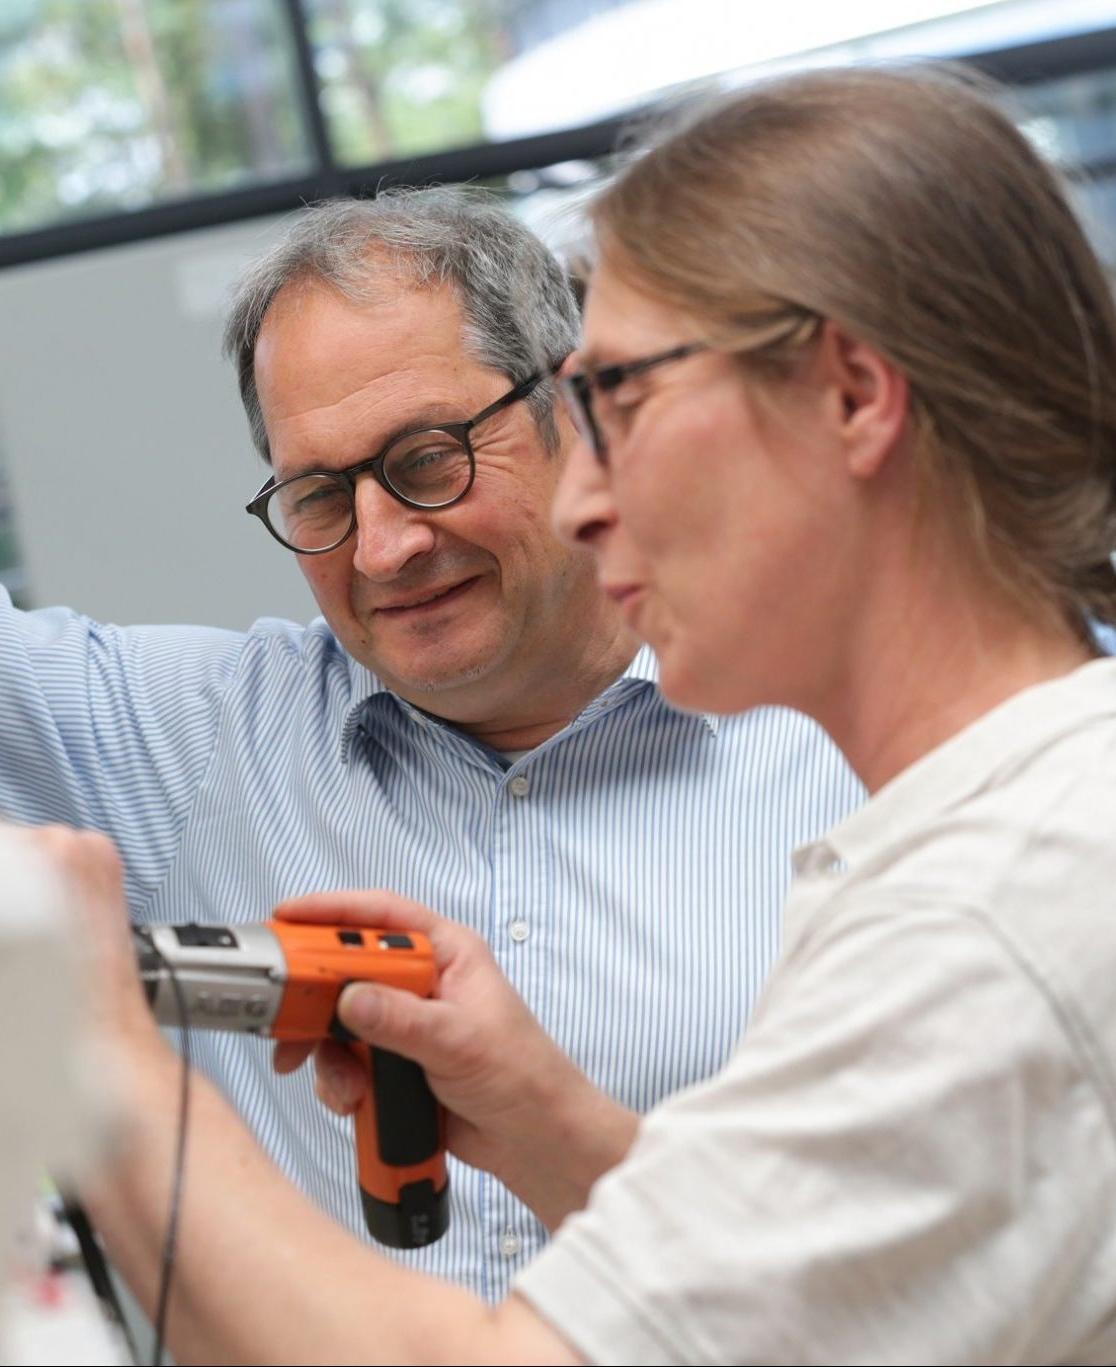 Jürgen Mangelberger und eine Mitarbeiterin bei der Arbeit.